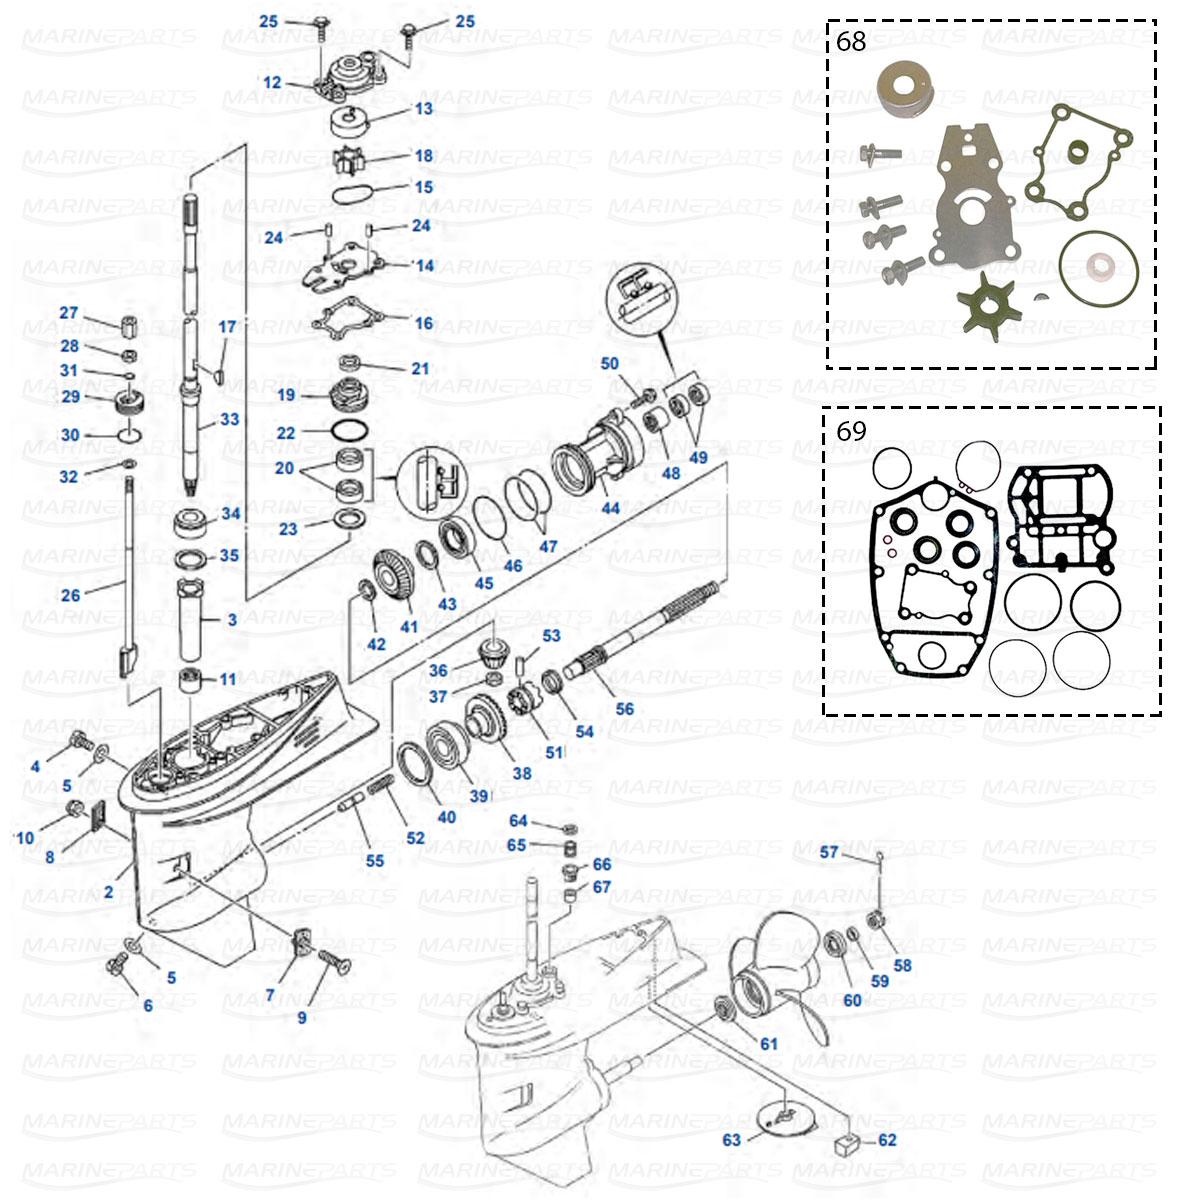 Yamaha perämoottoreiden vaihteiston osia, Marineparts Finland